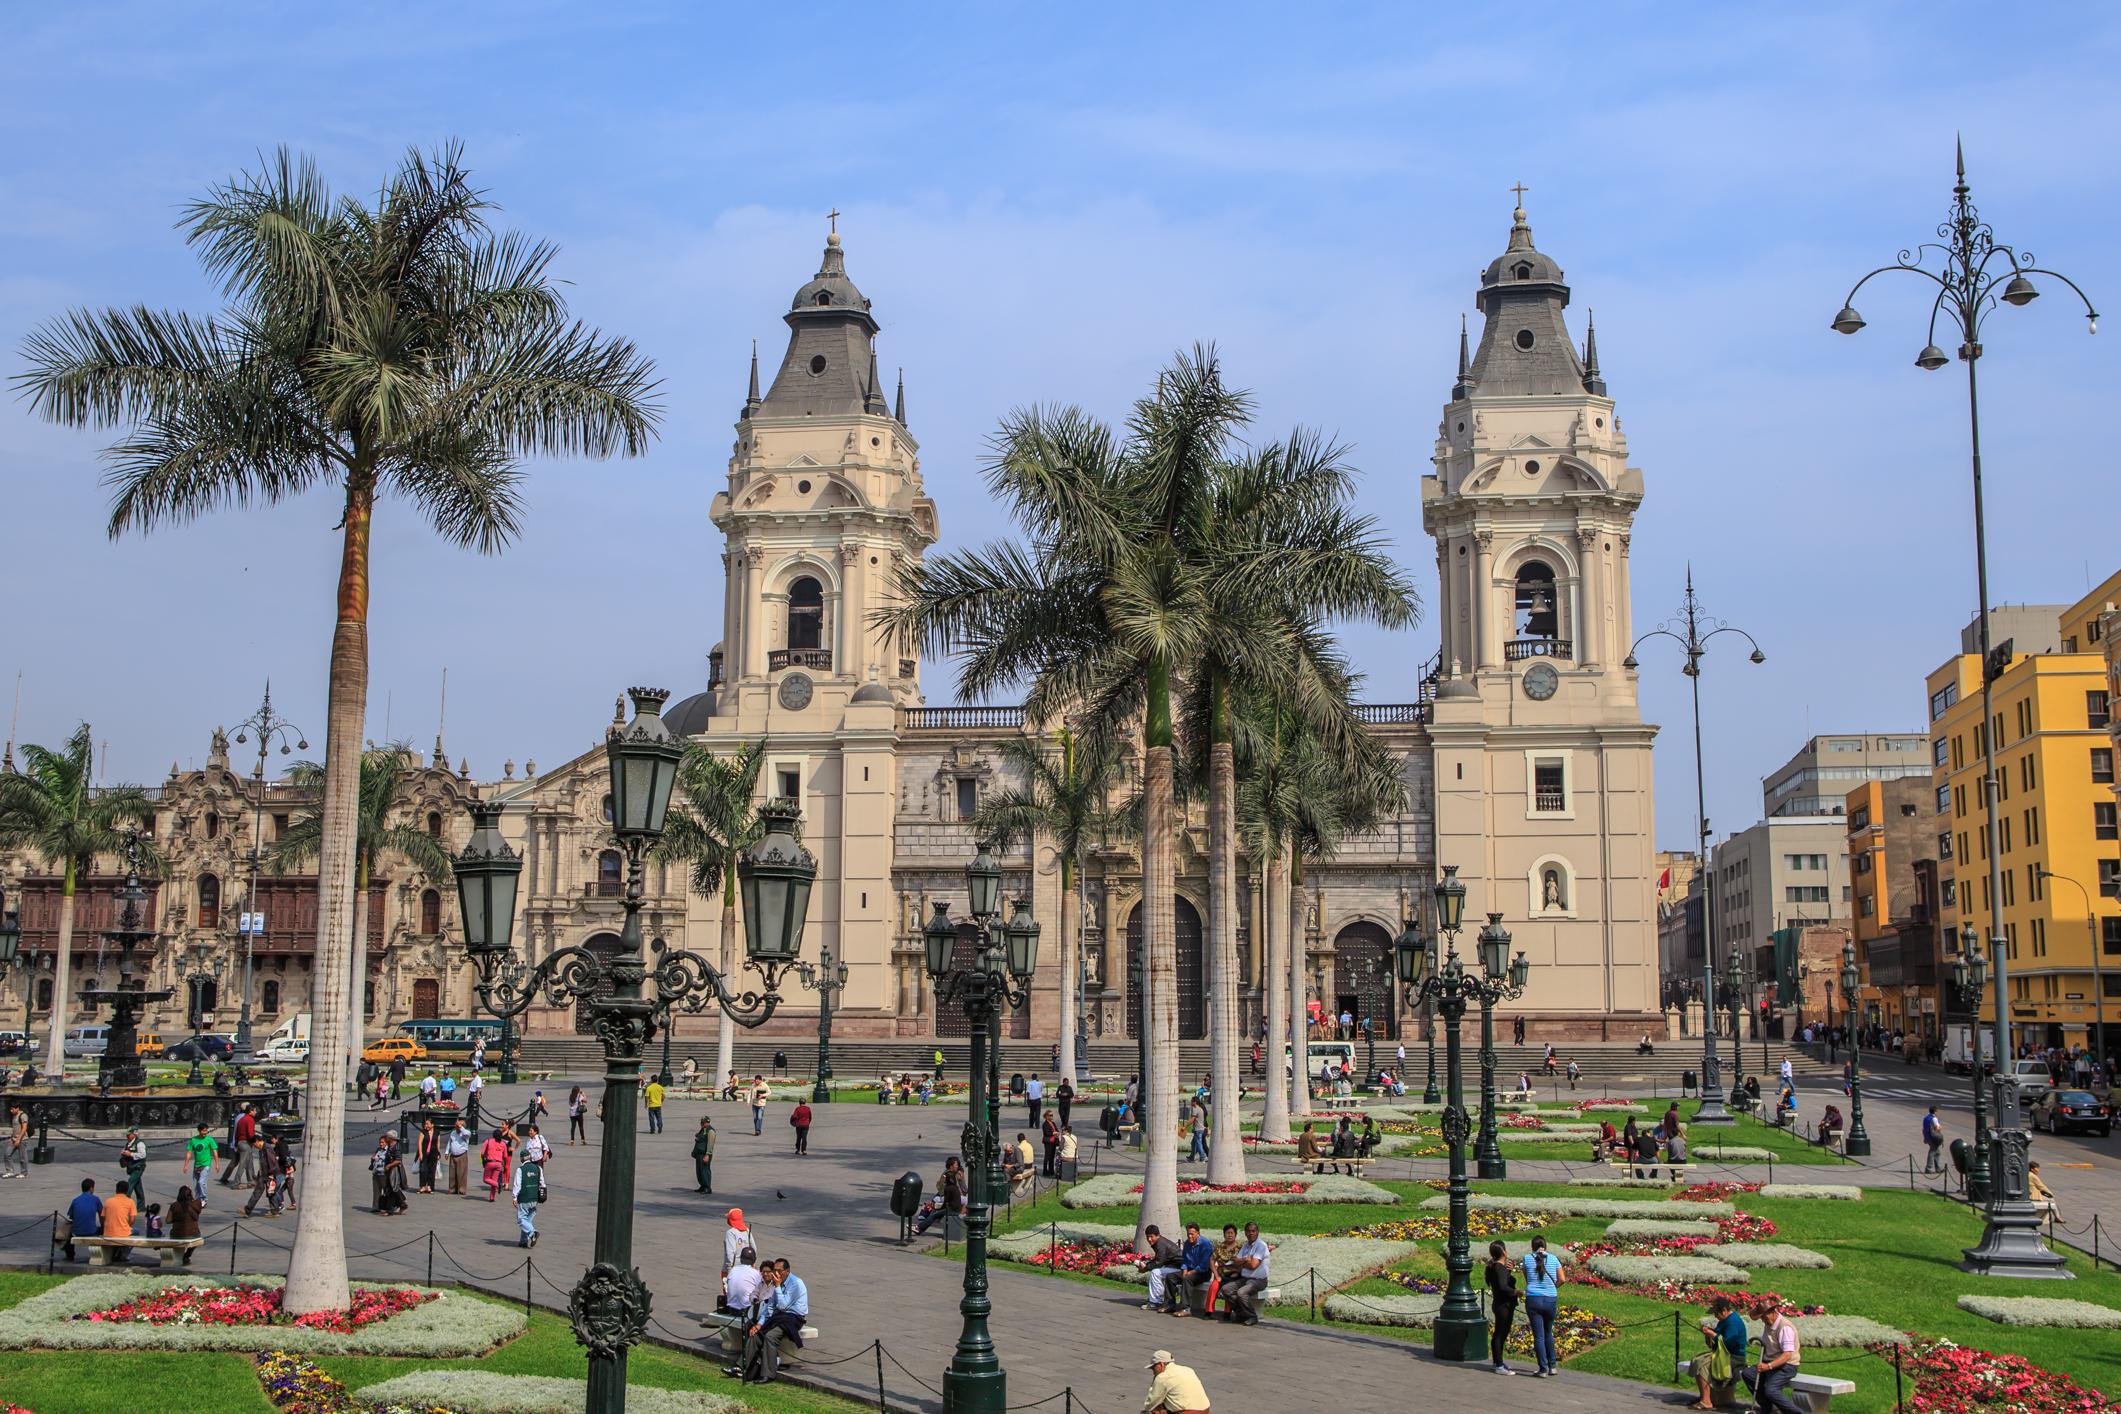 Peru - Page 7 Lima%2C_Peru%E2%80%A6the_Plaza_de_Armas_de_Lima_by_day_%288444360764%29